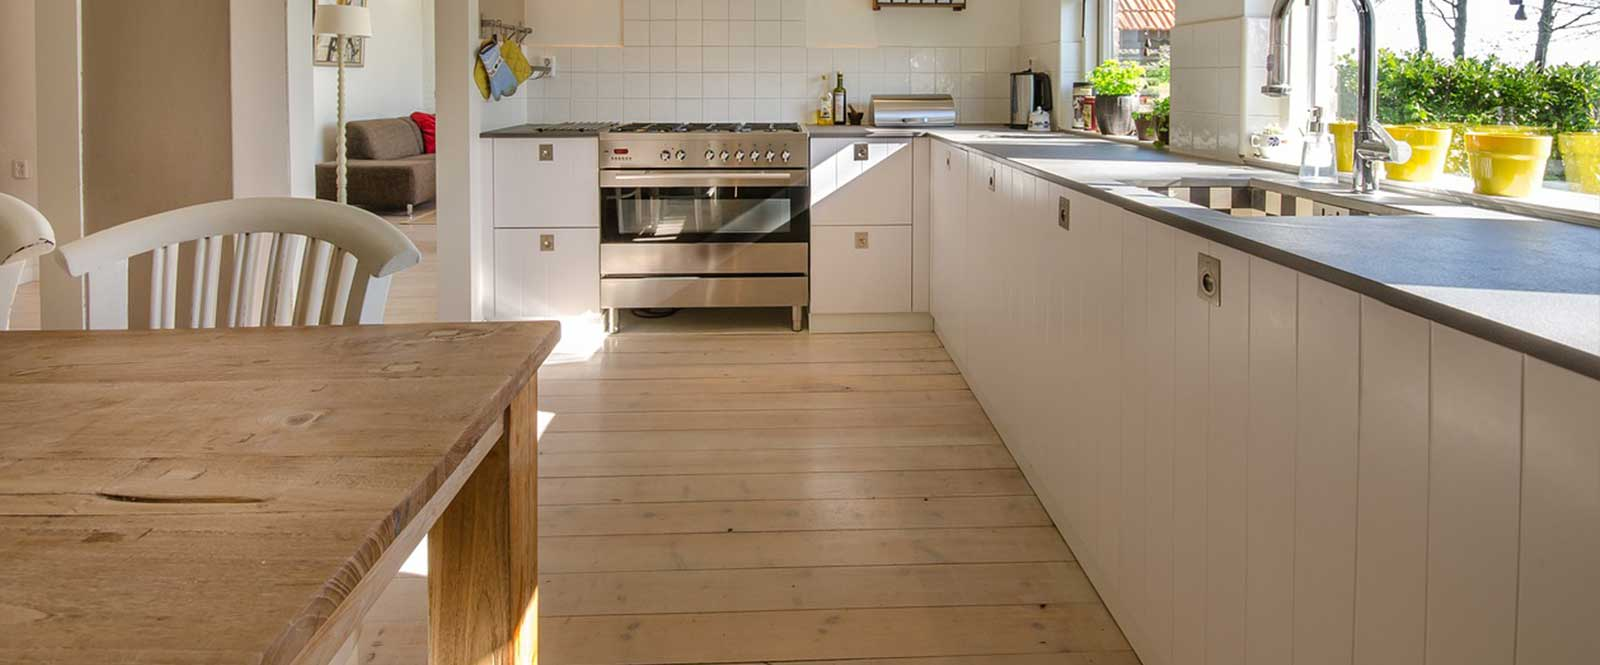 Ako vybrať podlahu do kuchyne • domadoma.sk e4e26adff76